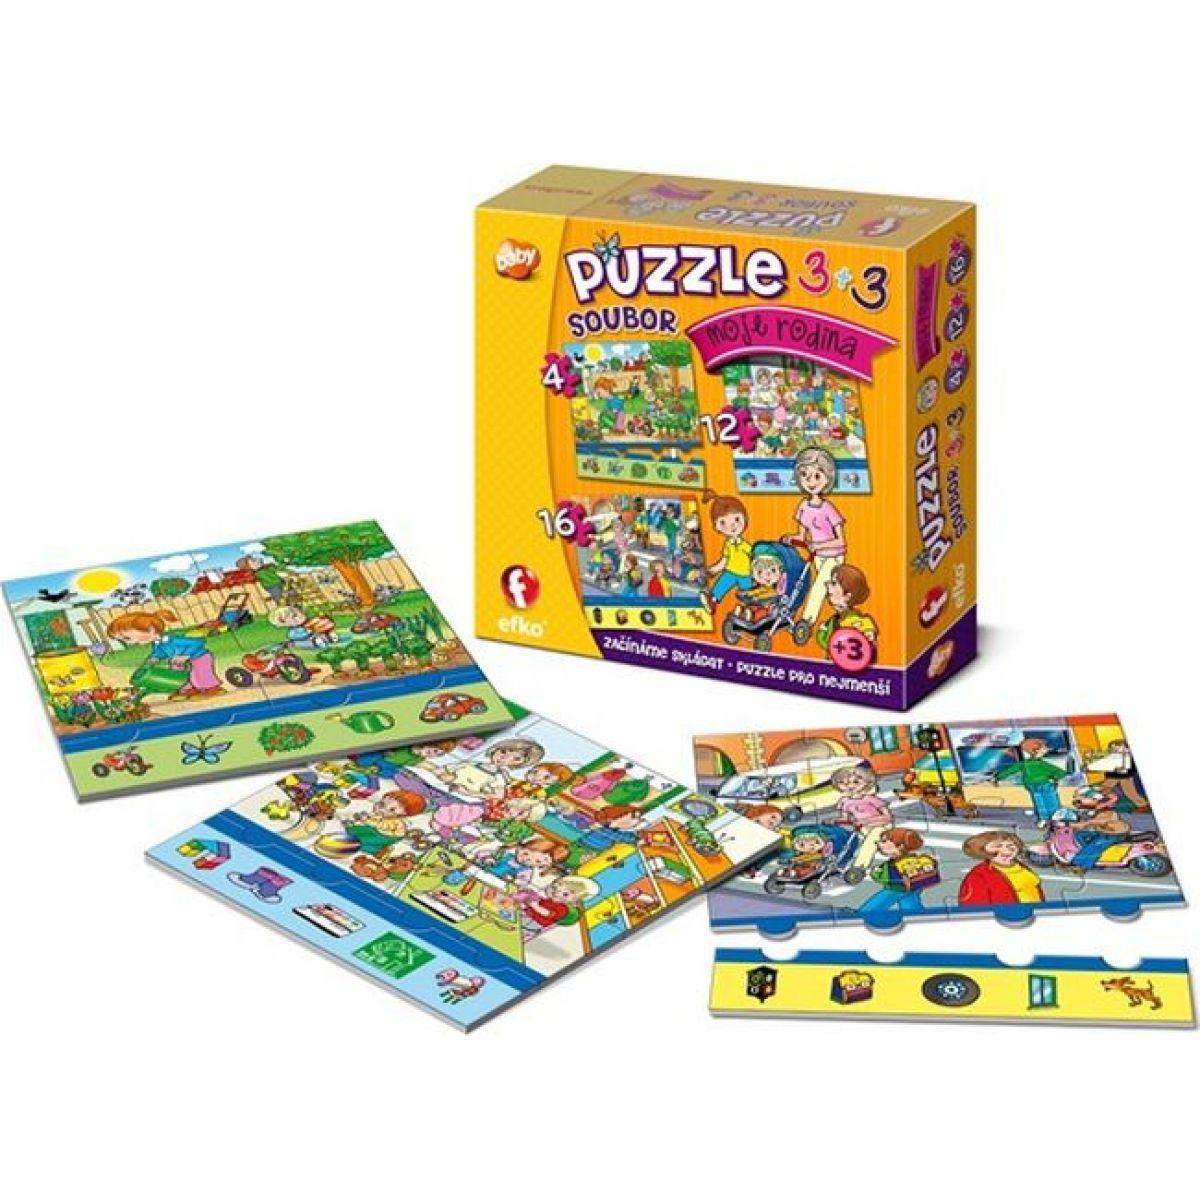 Efko Súbor puzzle 3 v 1 Moja rodina